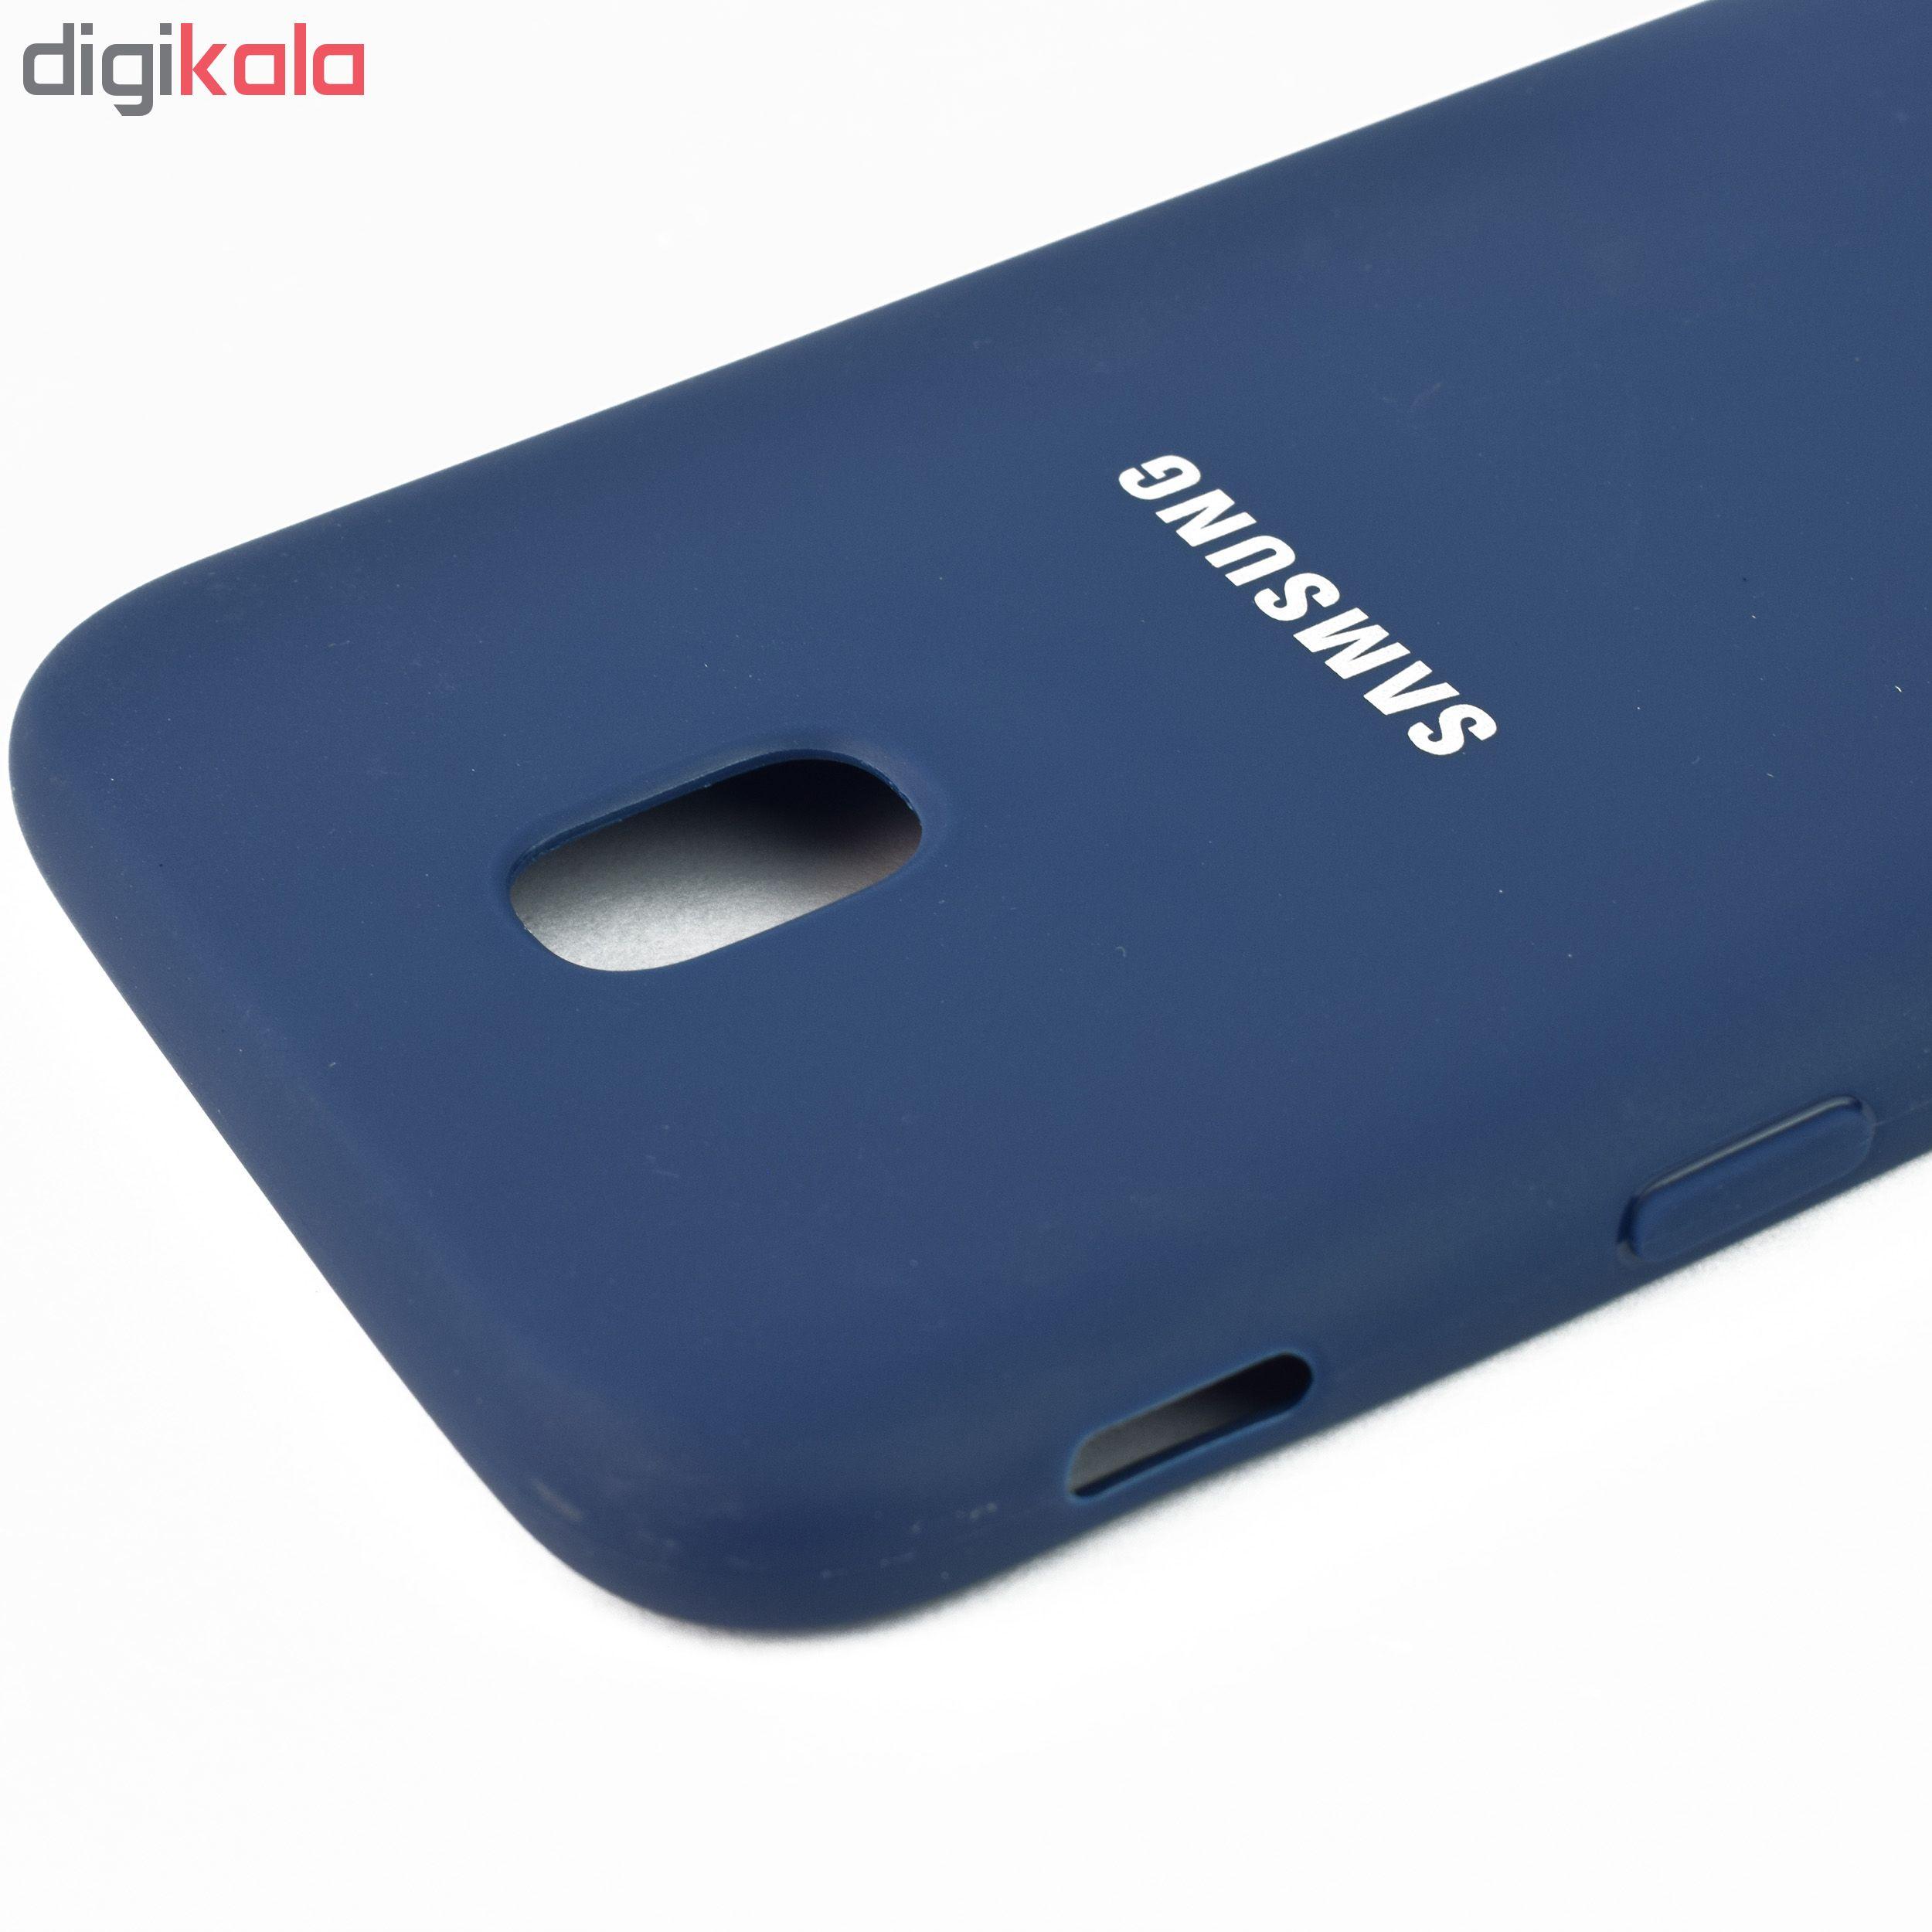 کاور مدل SC20 مناسب برای گوشی موبایل سامسونگ Galaxy J7 Pro / J730 main 1 7